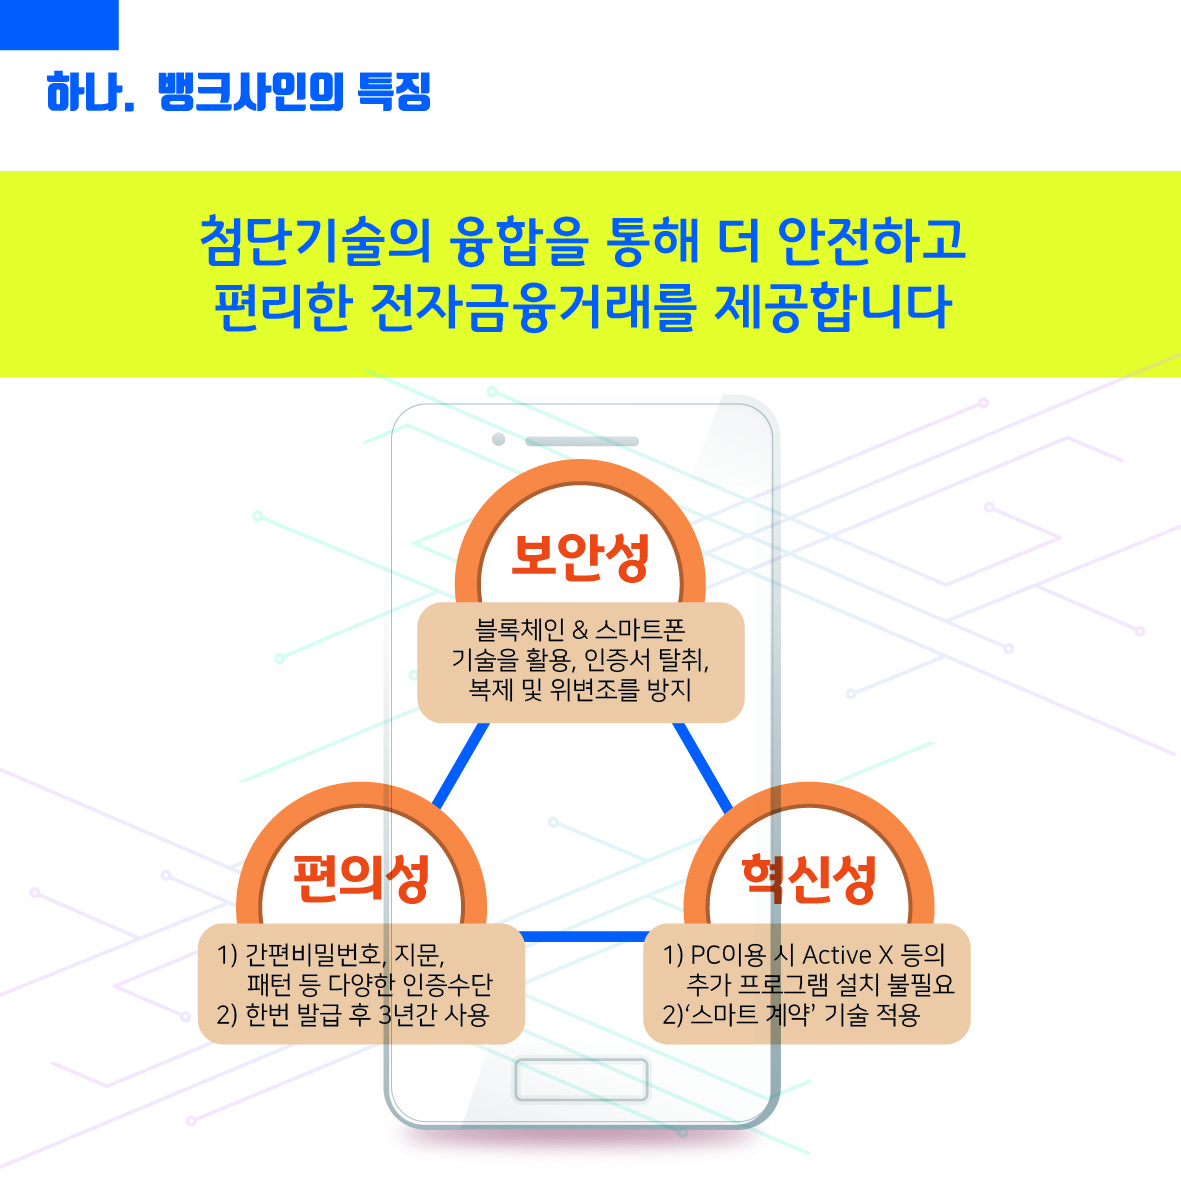 뱅크사인의 특징. 첨단기술의 융합을 통해 더 안전하고 편리한 전자금융거래를 제공합니다 . 보안성, 편의성, 혁신성